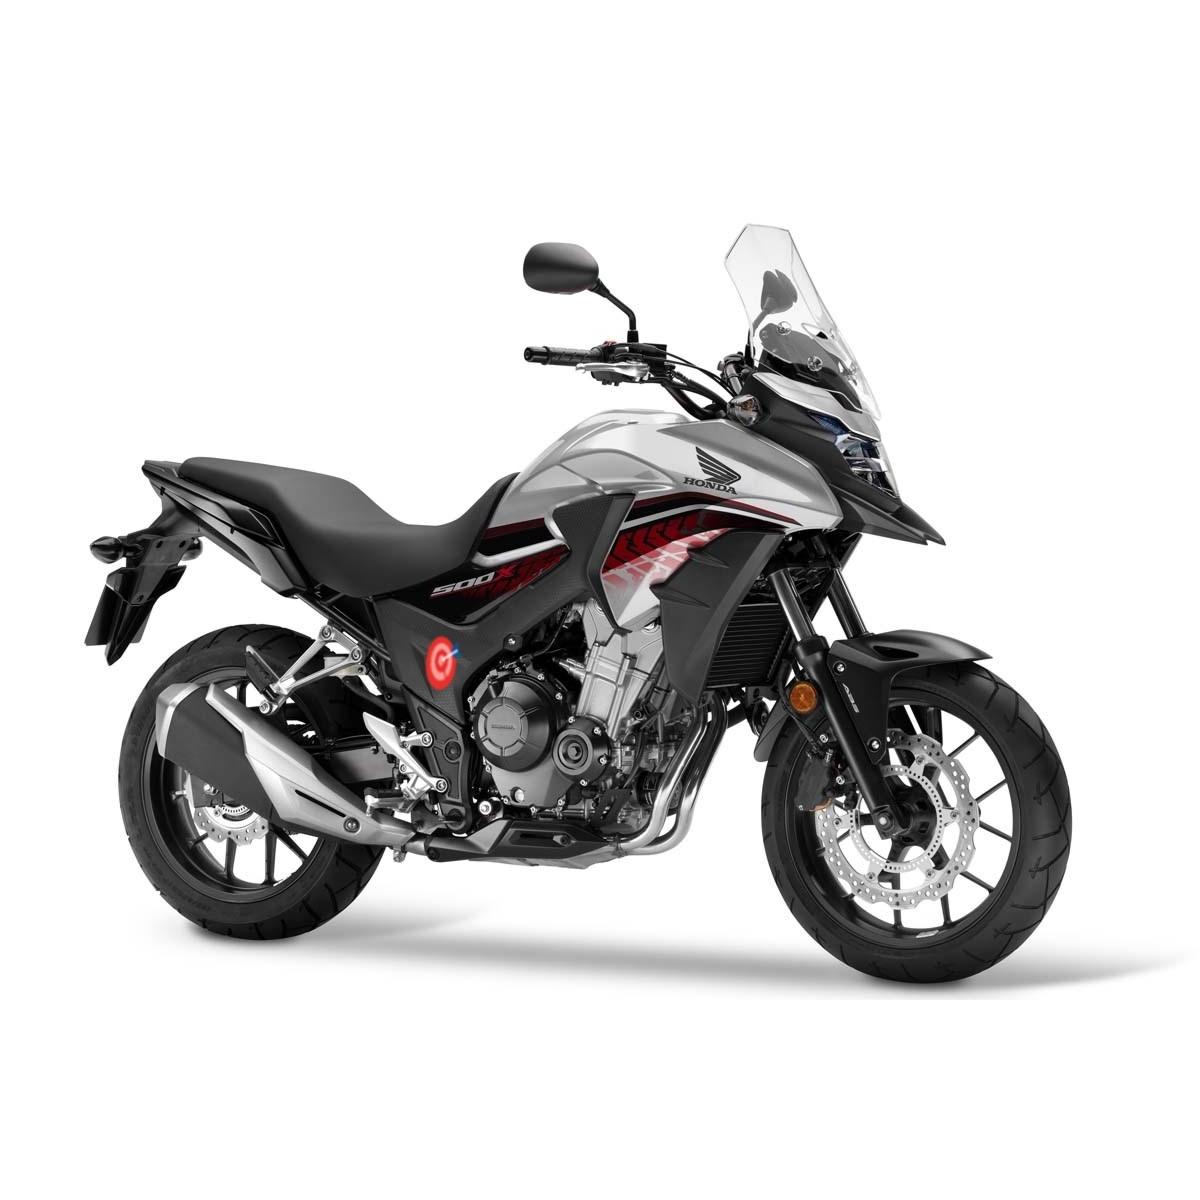 Honda CB 500 cc.